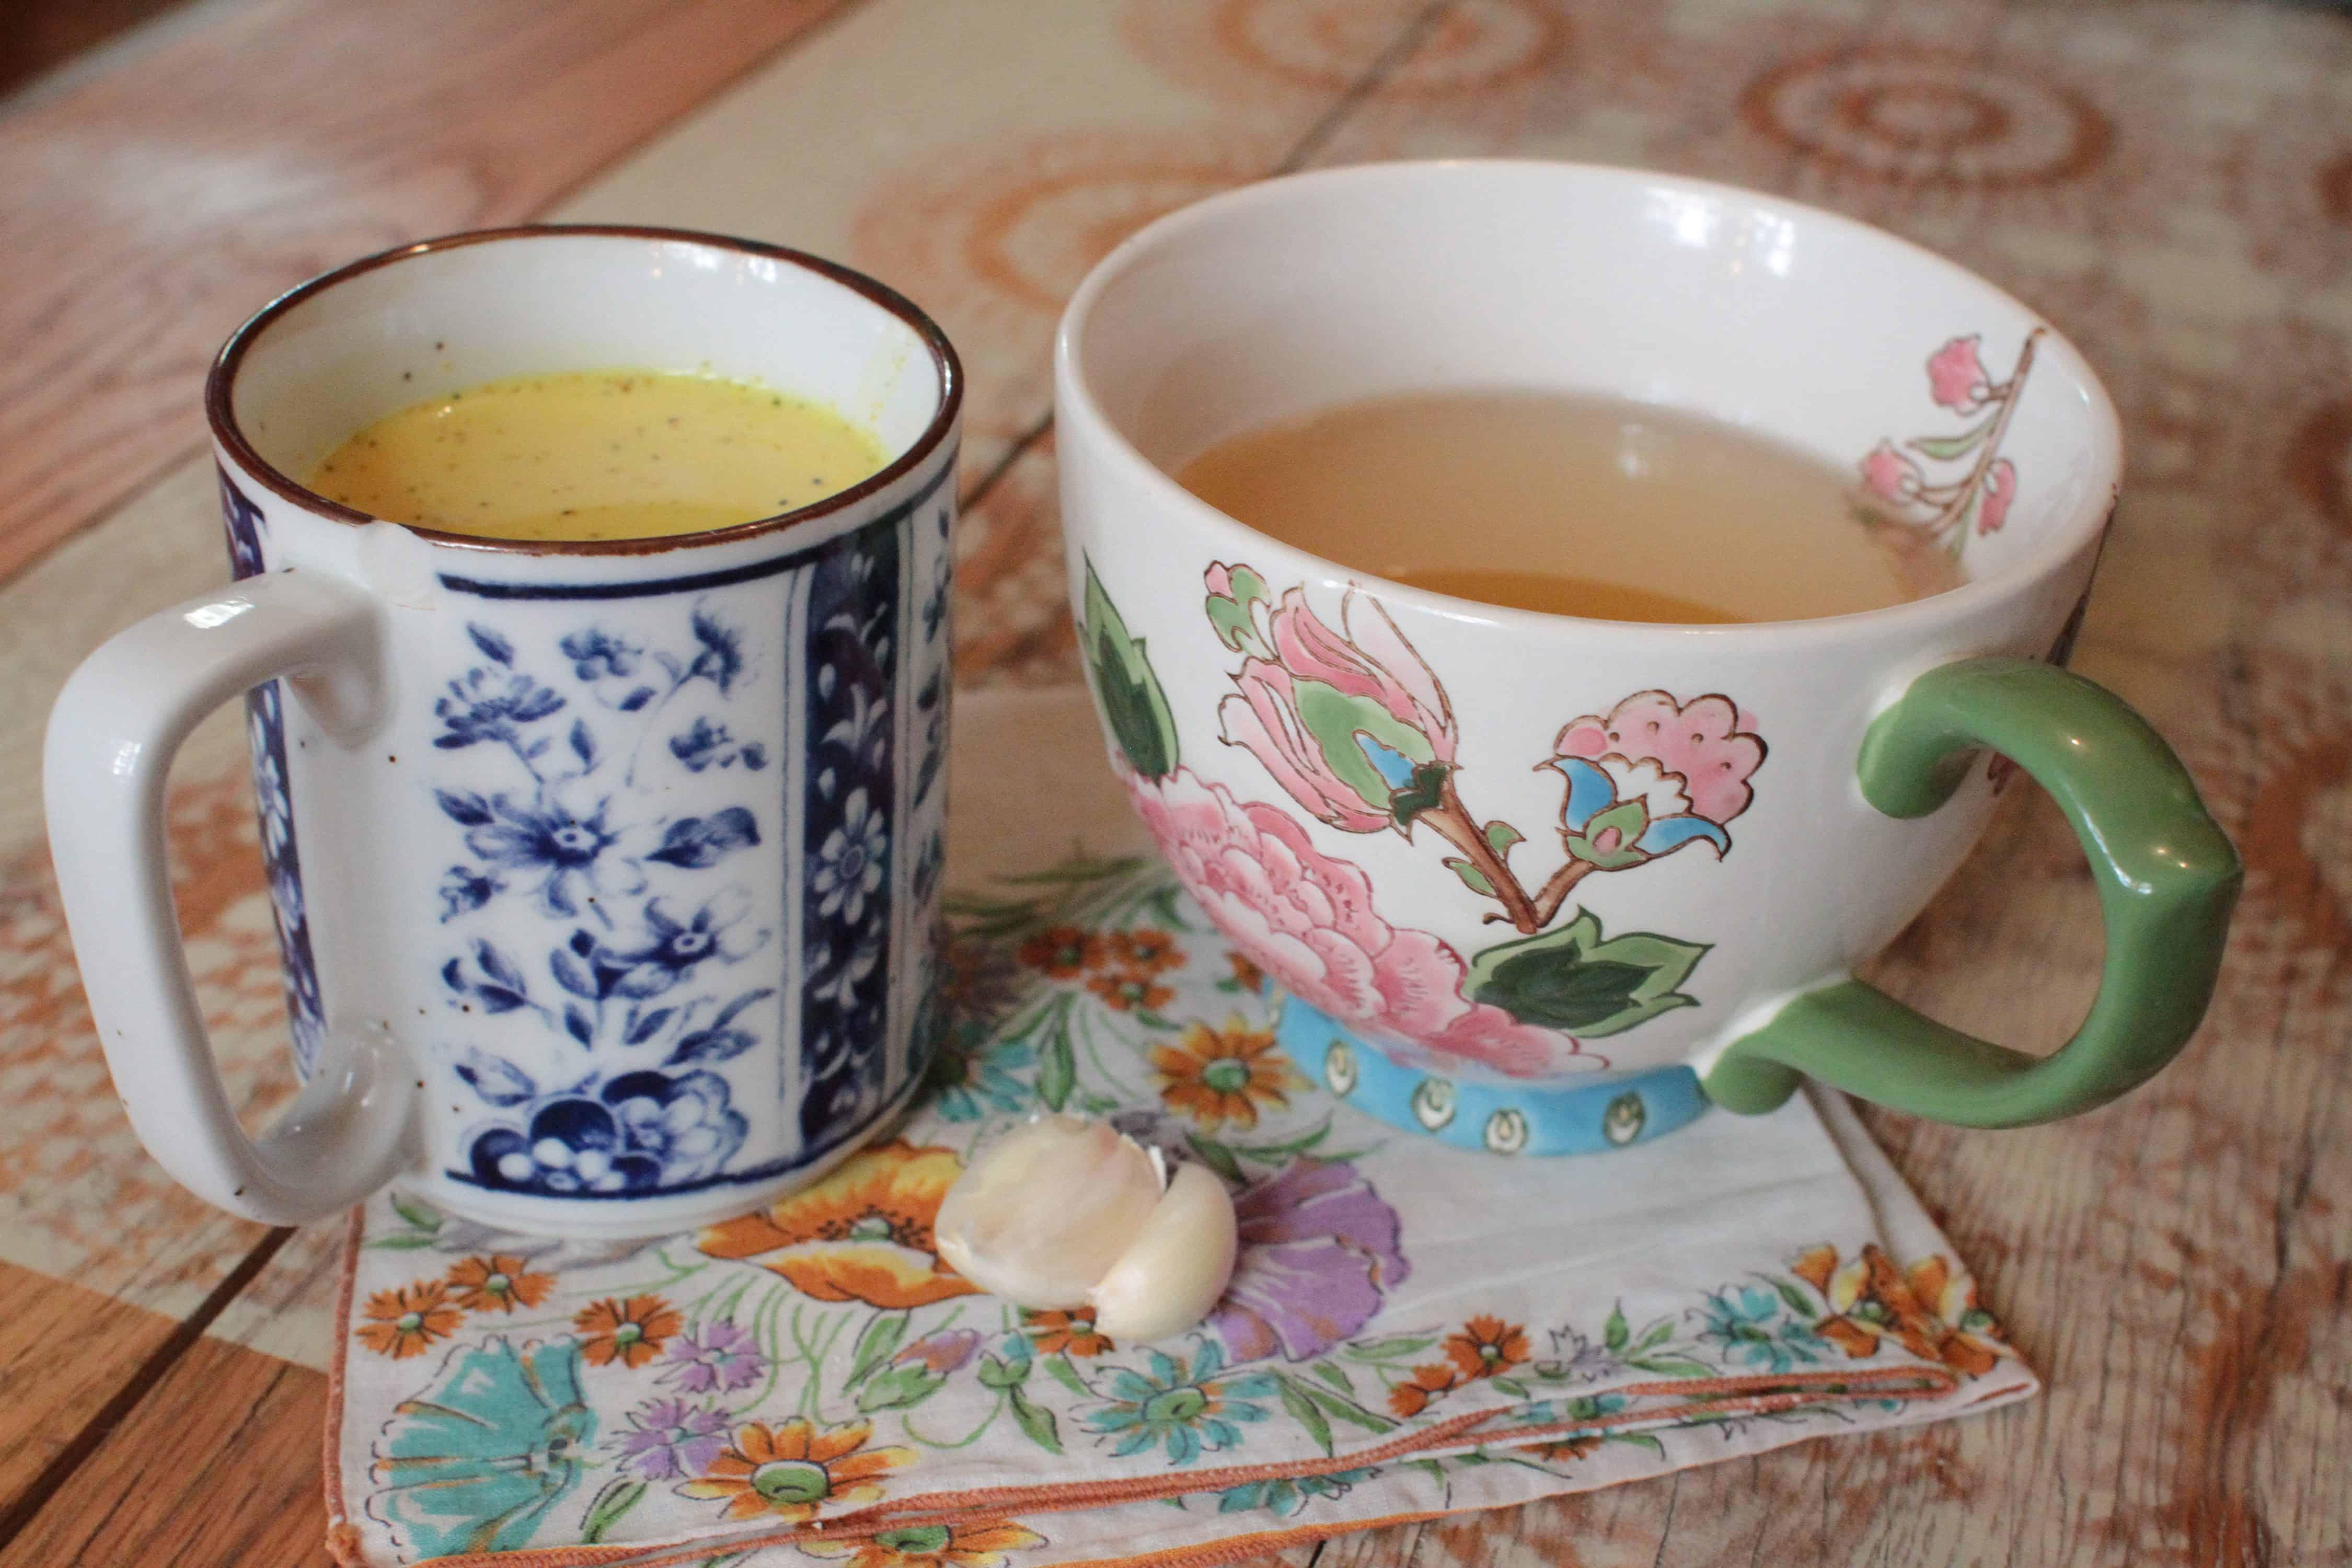 Tonsil infection tea